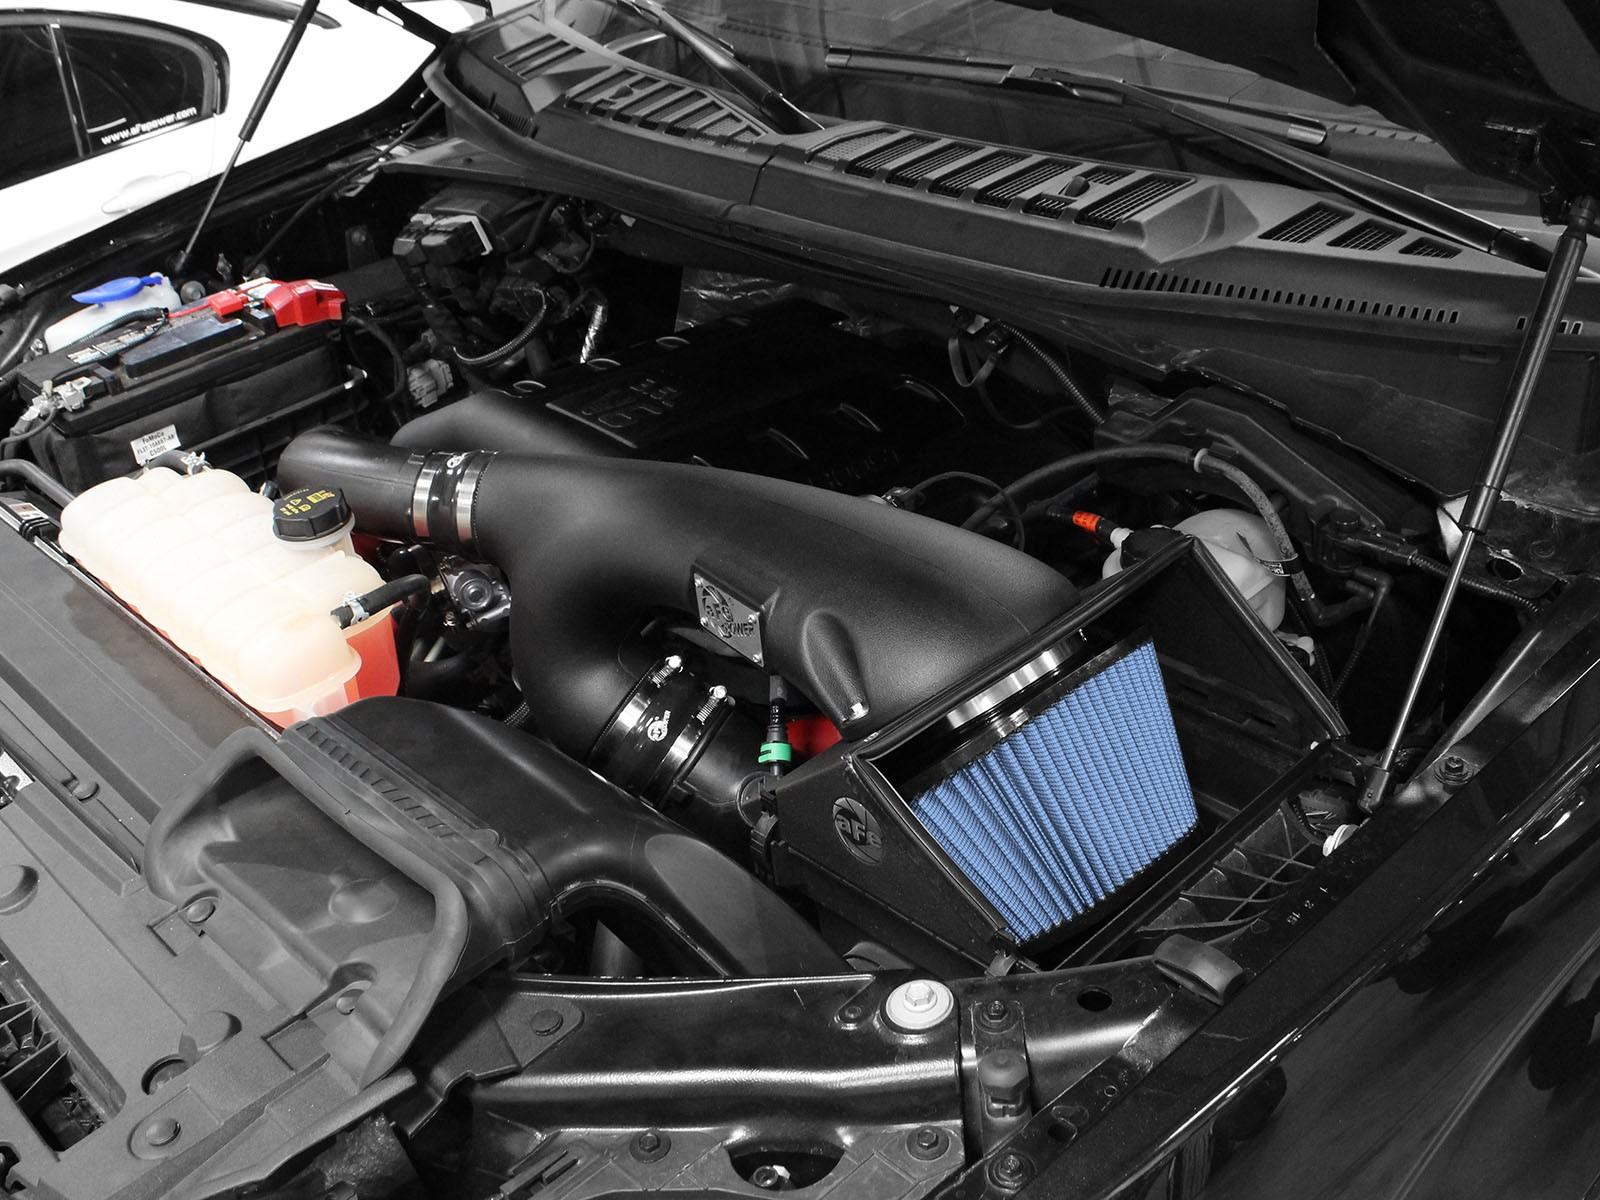 2015 2017 F150 2 7L 2015 2016 3 5L EcoBoost aFe Magnum FORCE Pro